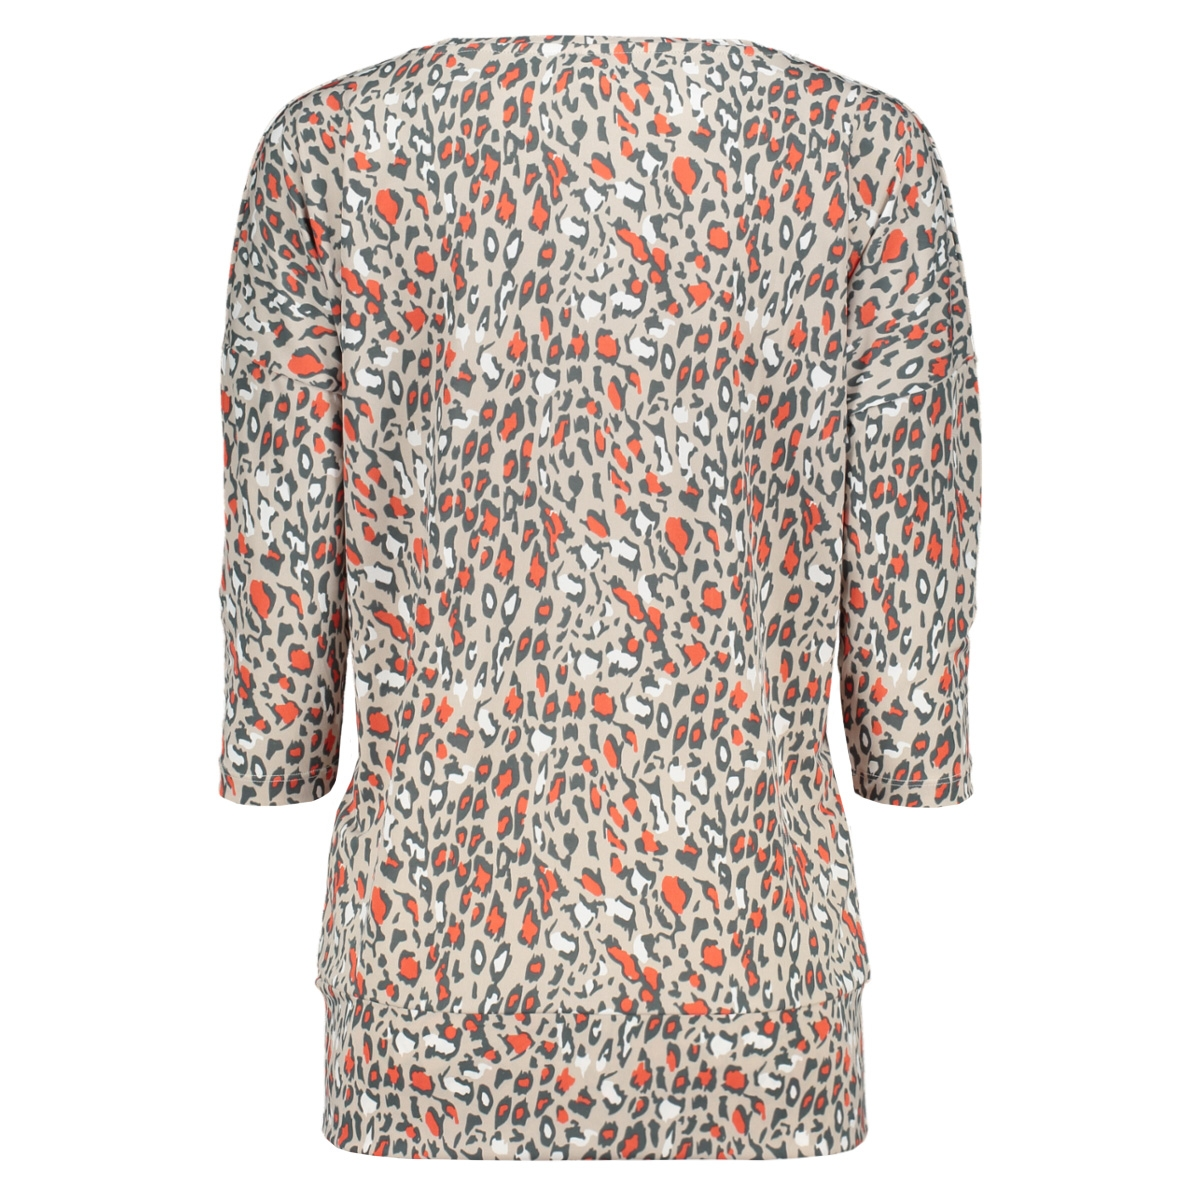 unity splendour blouse 201 zoso t-shirt 0007/0072 sand/desert red